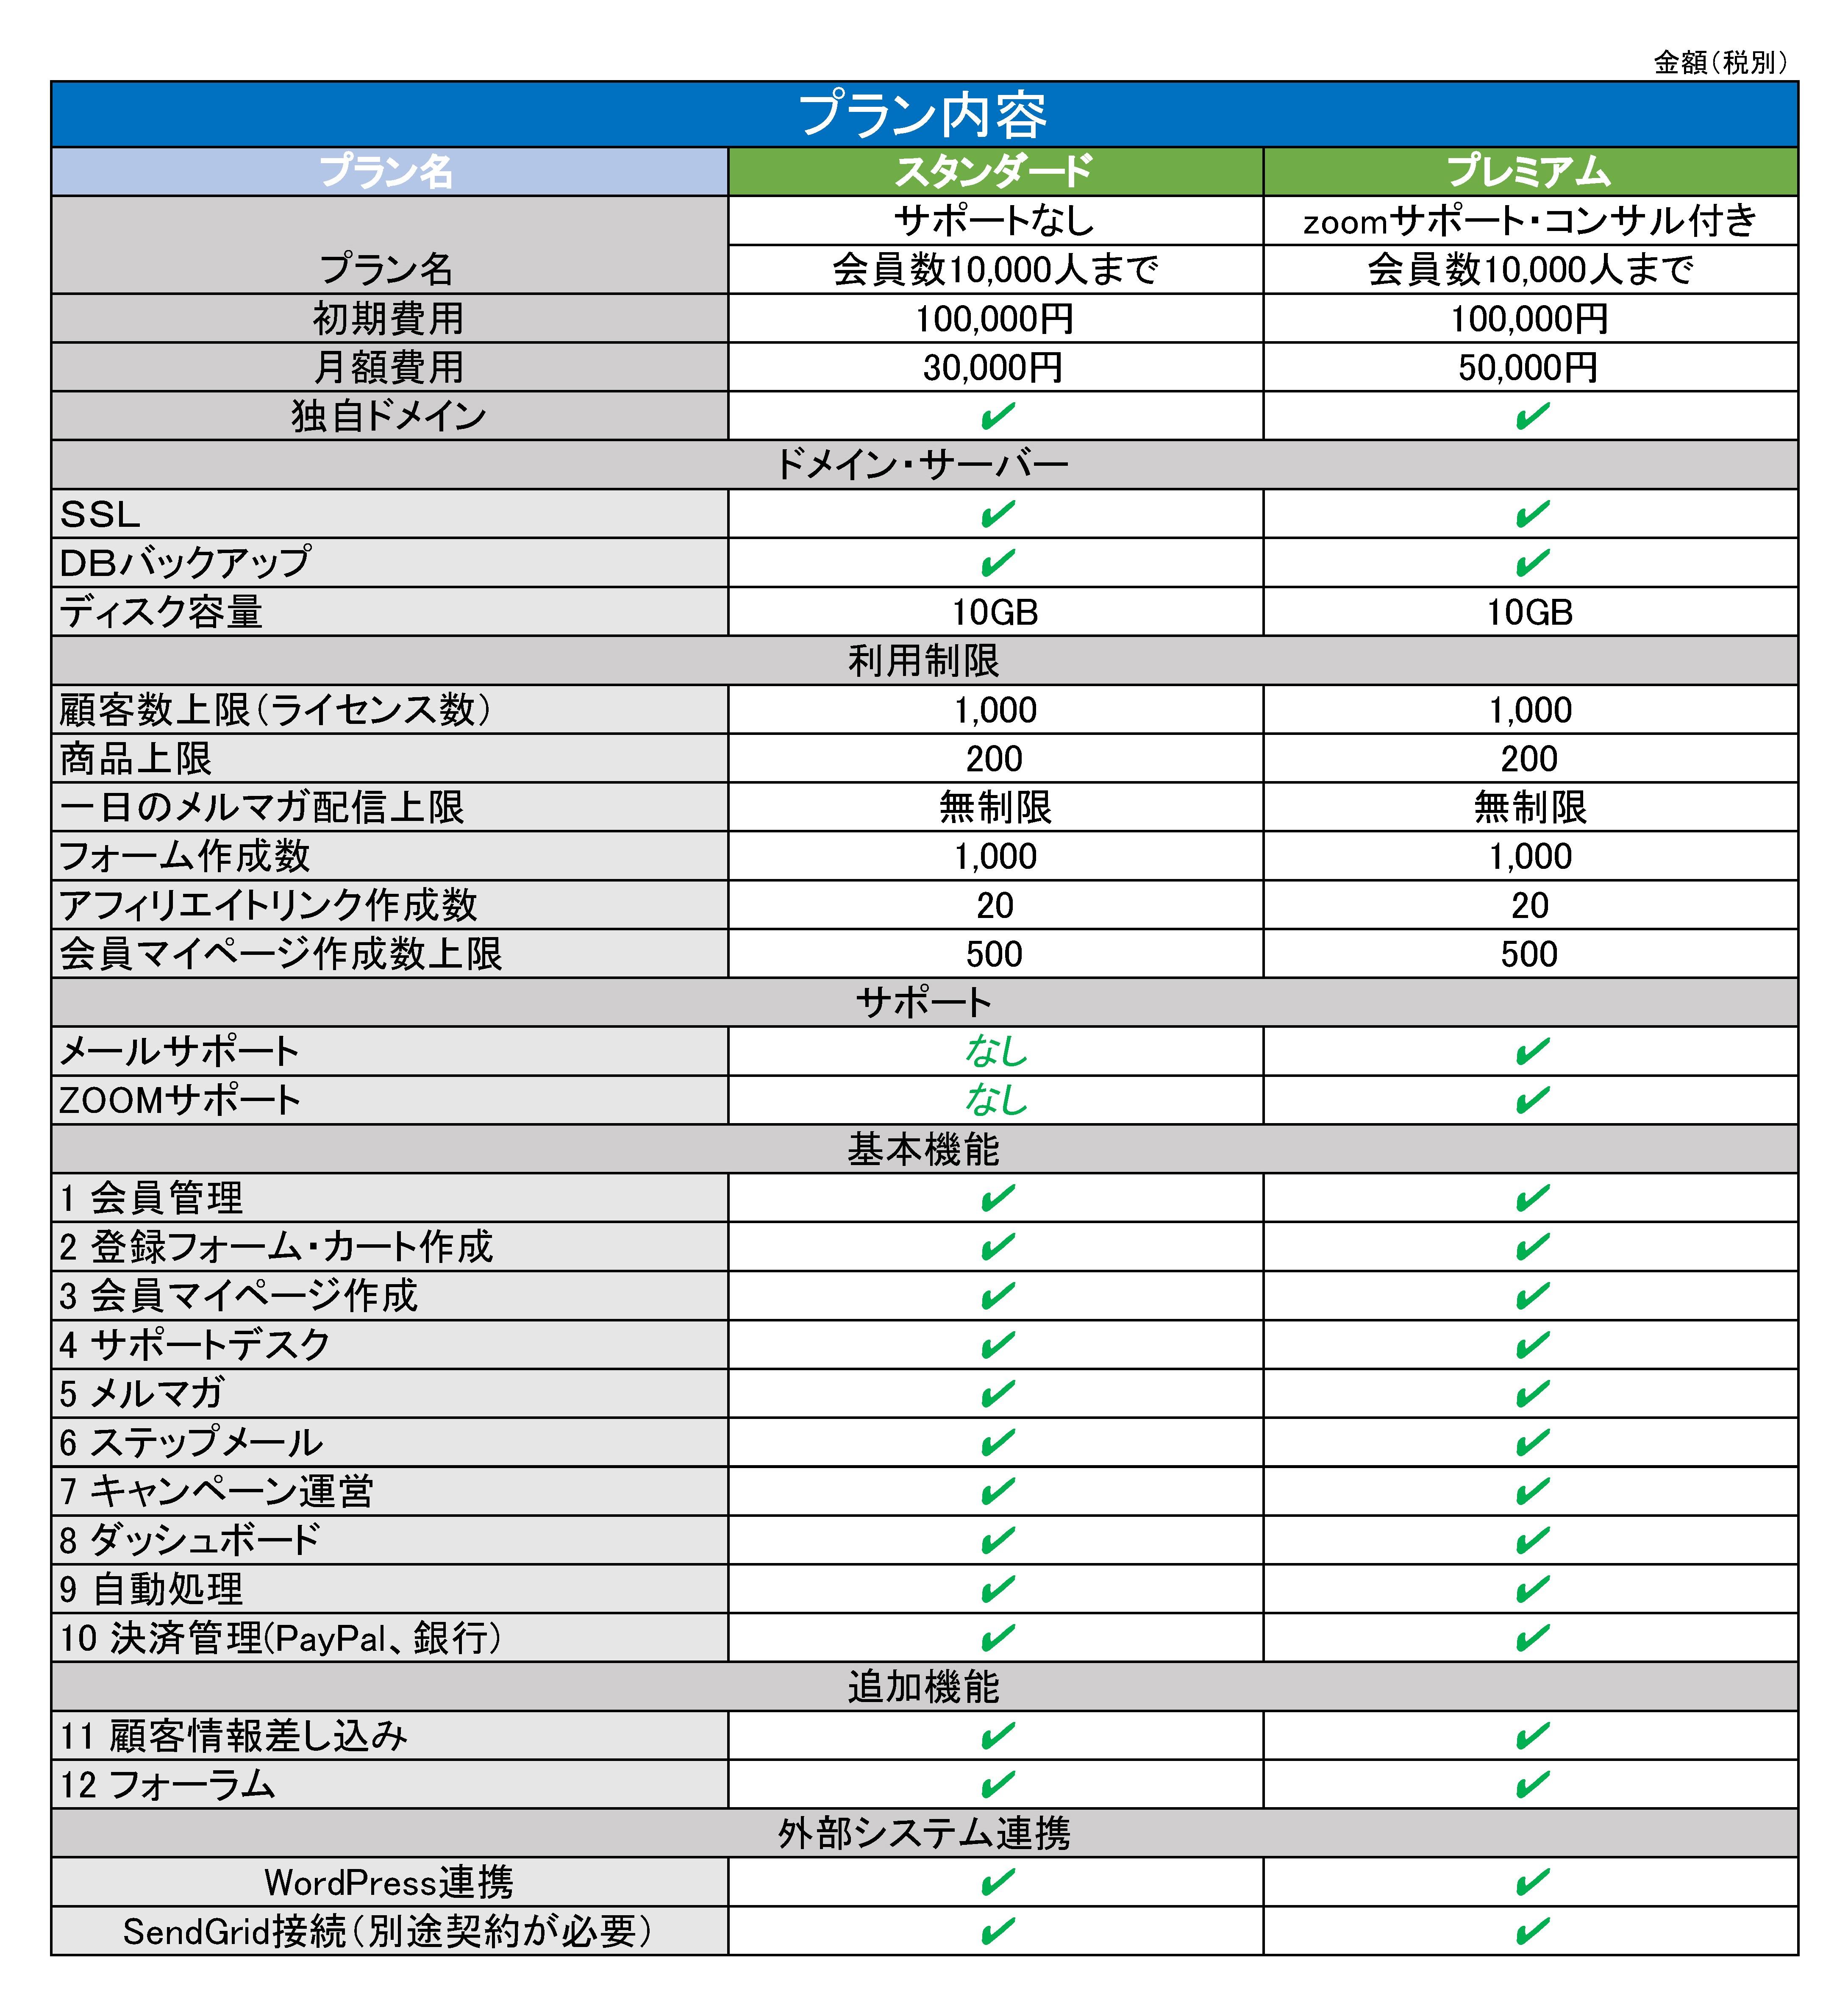 配信管理システムプラン - シート1 (1)